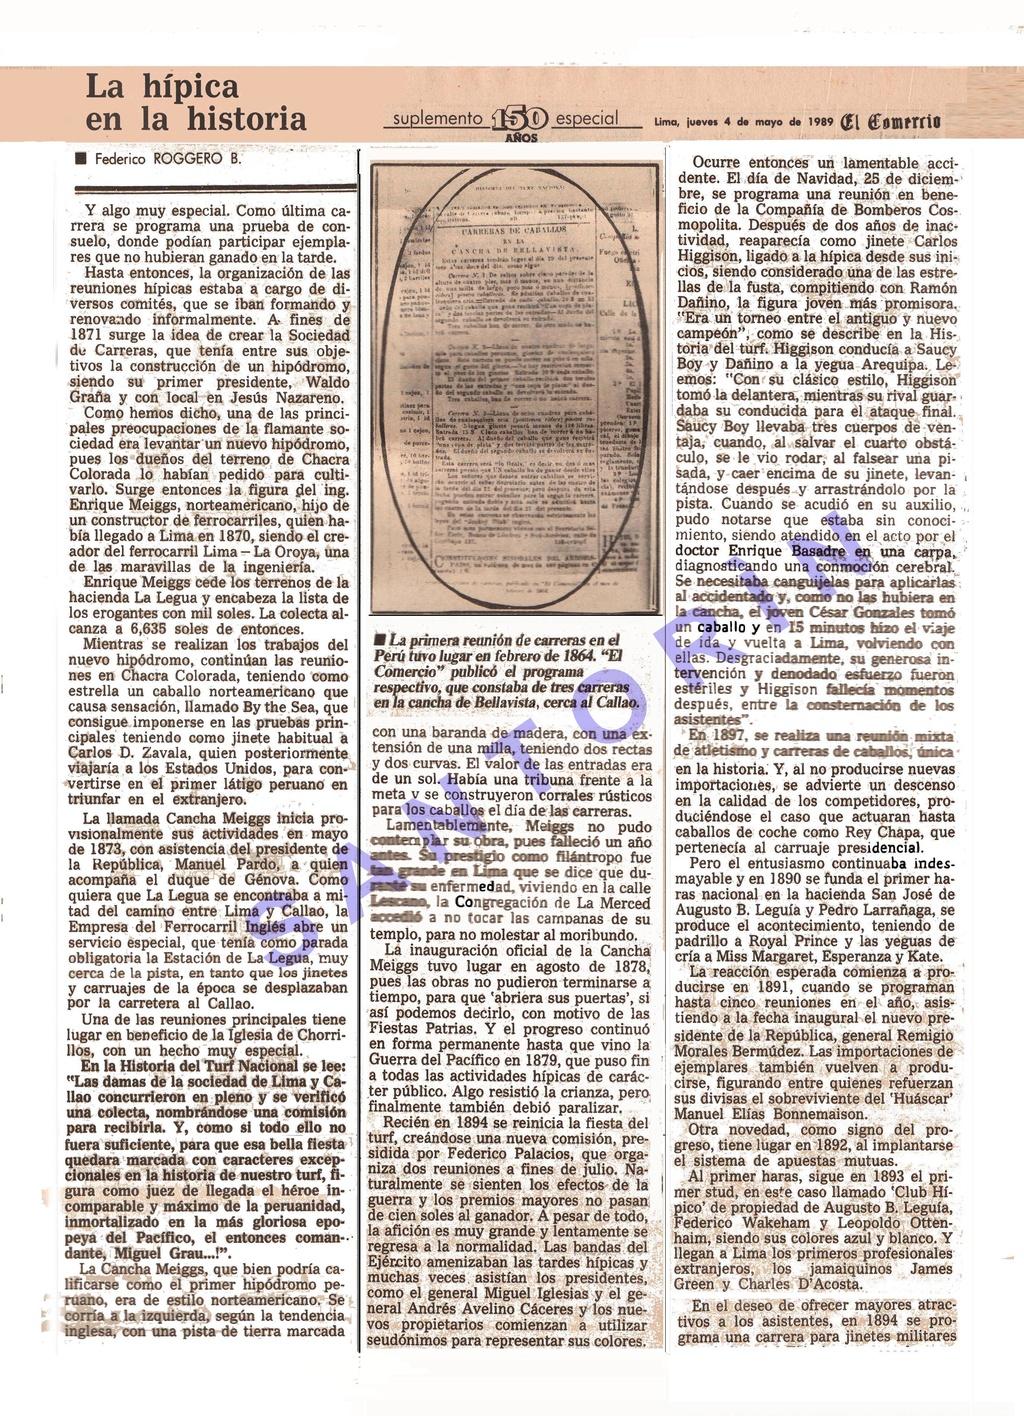 LA HÌPICA EN LA HISTORIA DEL PERÙ 150_a-14